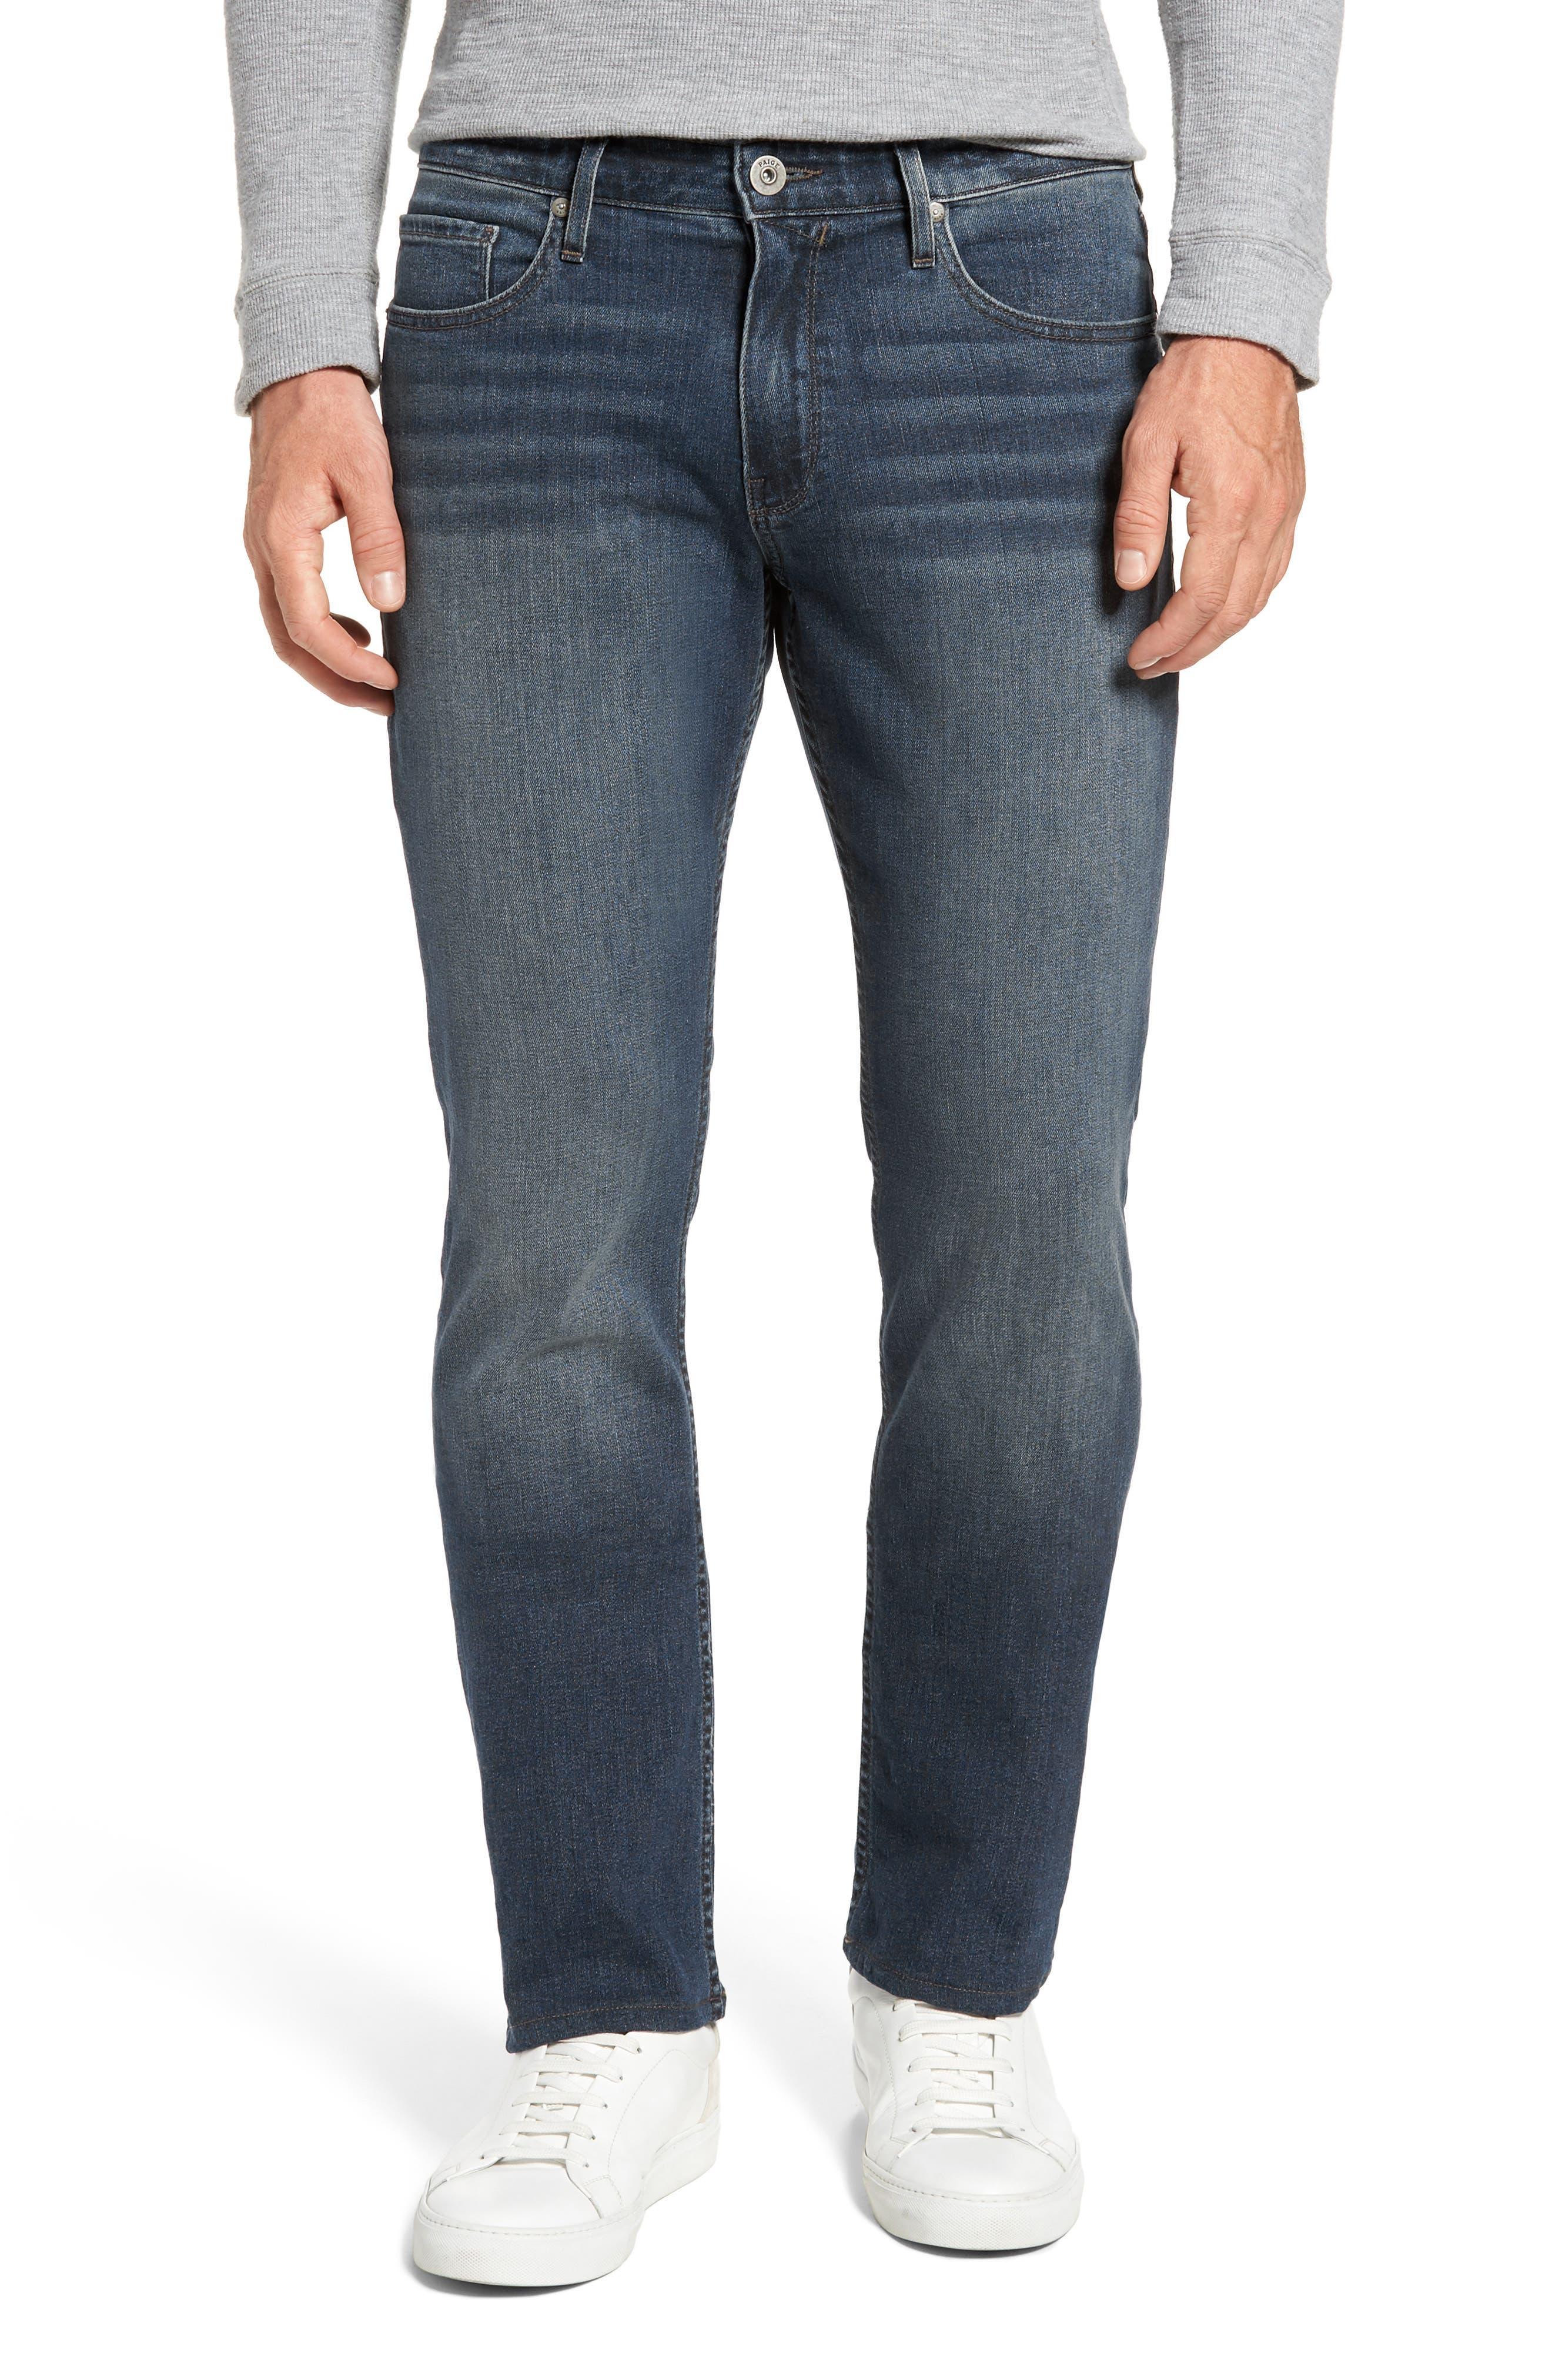 Normandie Straight Leg Jeans,                         Main,                         color, Daniels